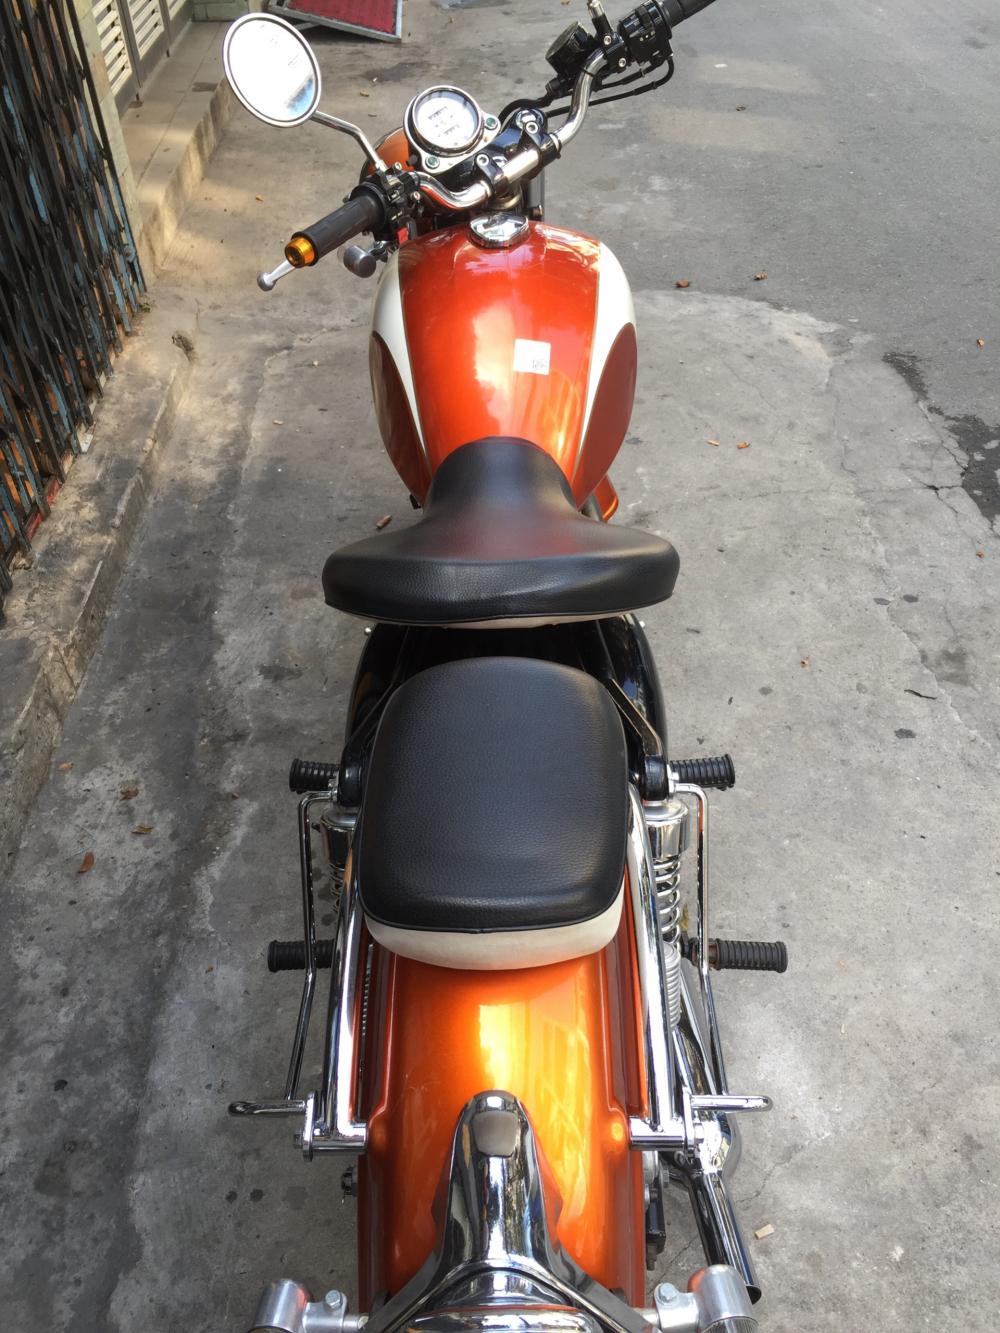 ban Kawasaki Estrella 250 xe keng gia dep - 2